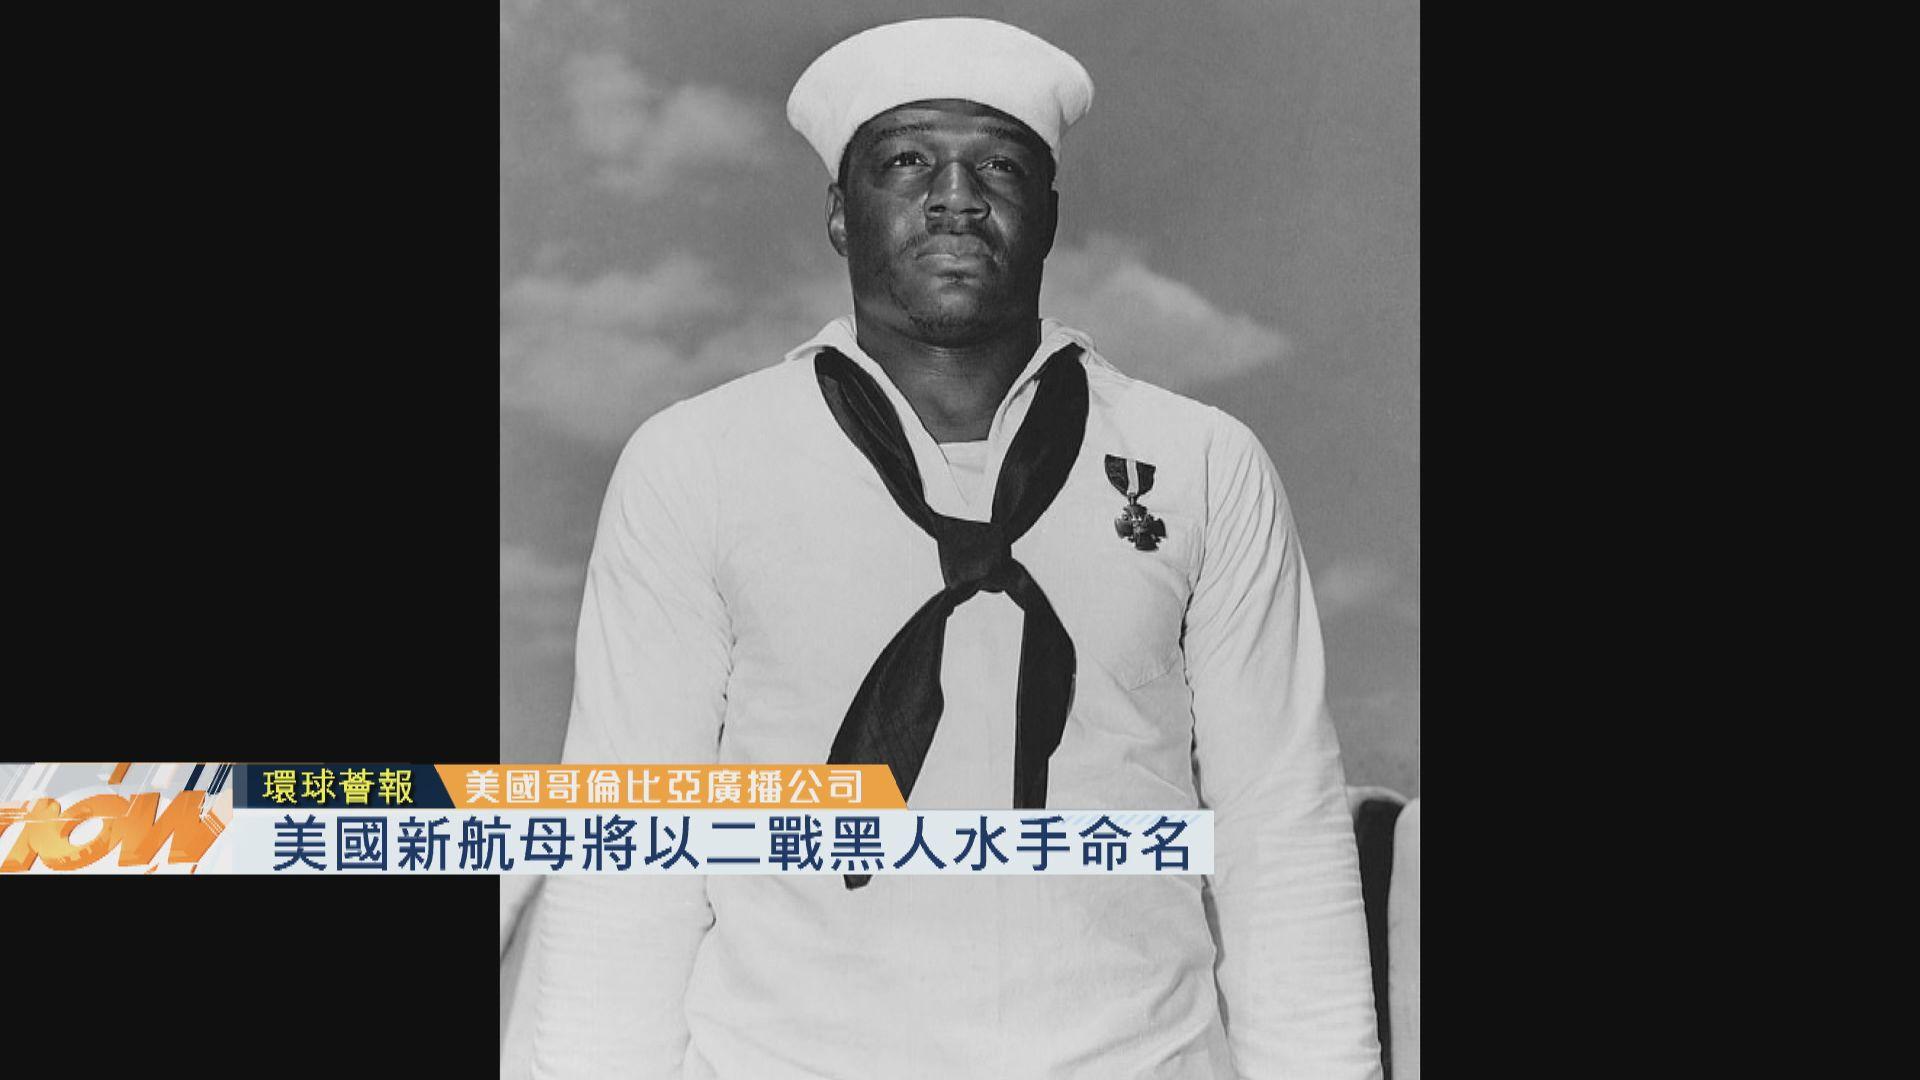 【環球薈報】美國新航母將以二戰黑人水手命名